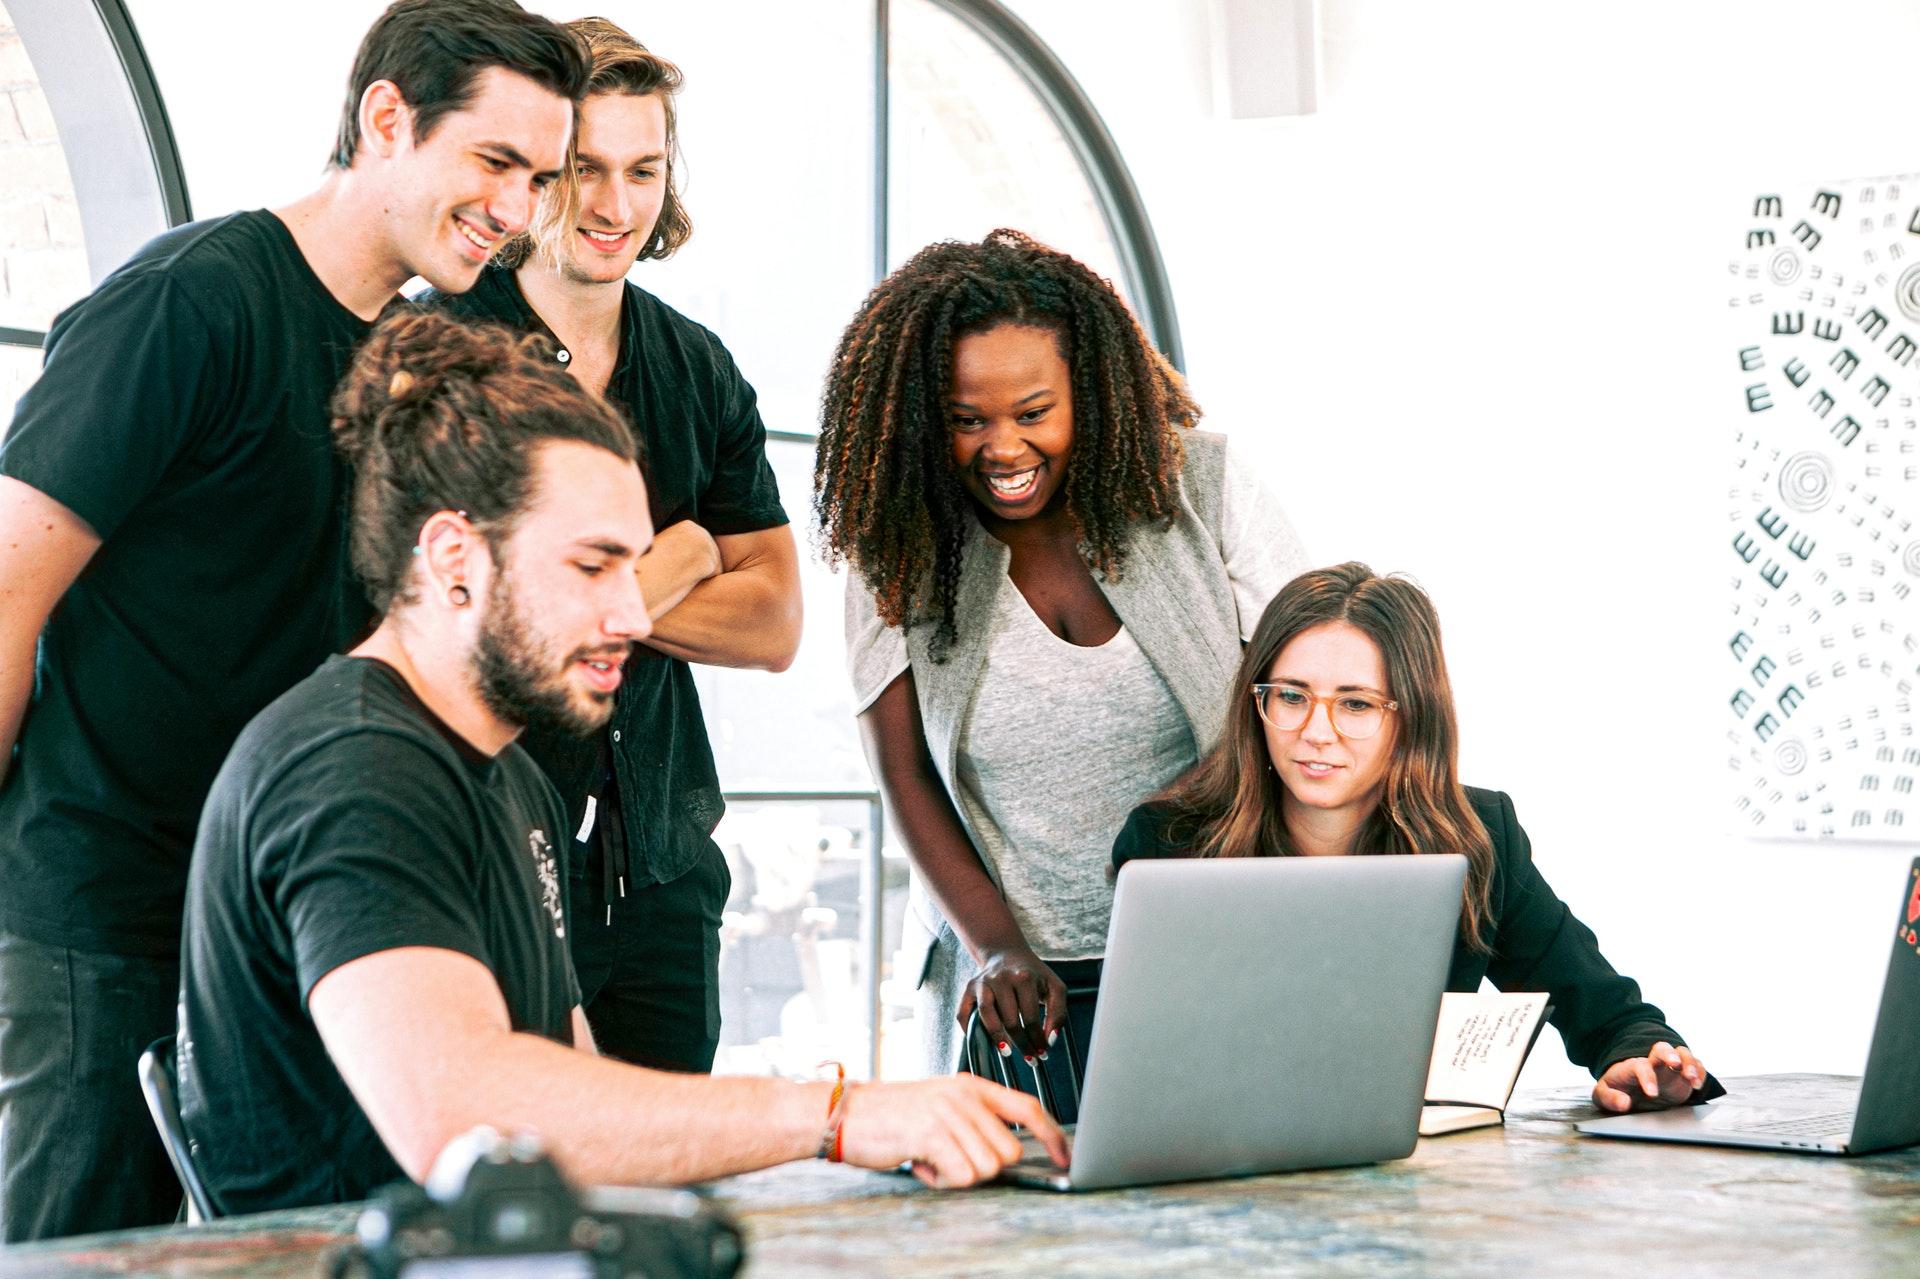 Imagem de várias pessoas olhando um computador em uma sala de escritório. imagem ilustrativa texto empreendedorismo e intraempreendedorismo.